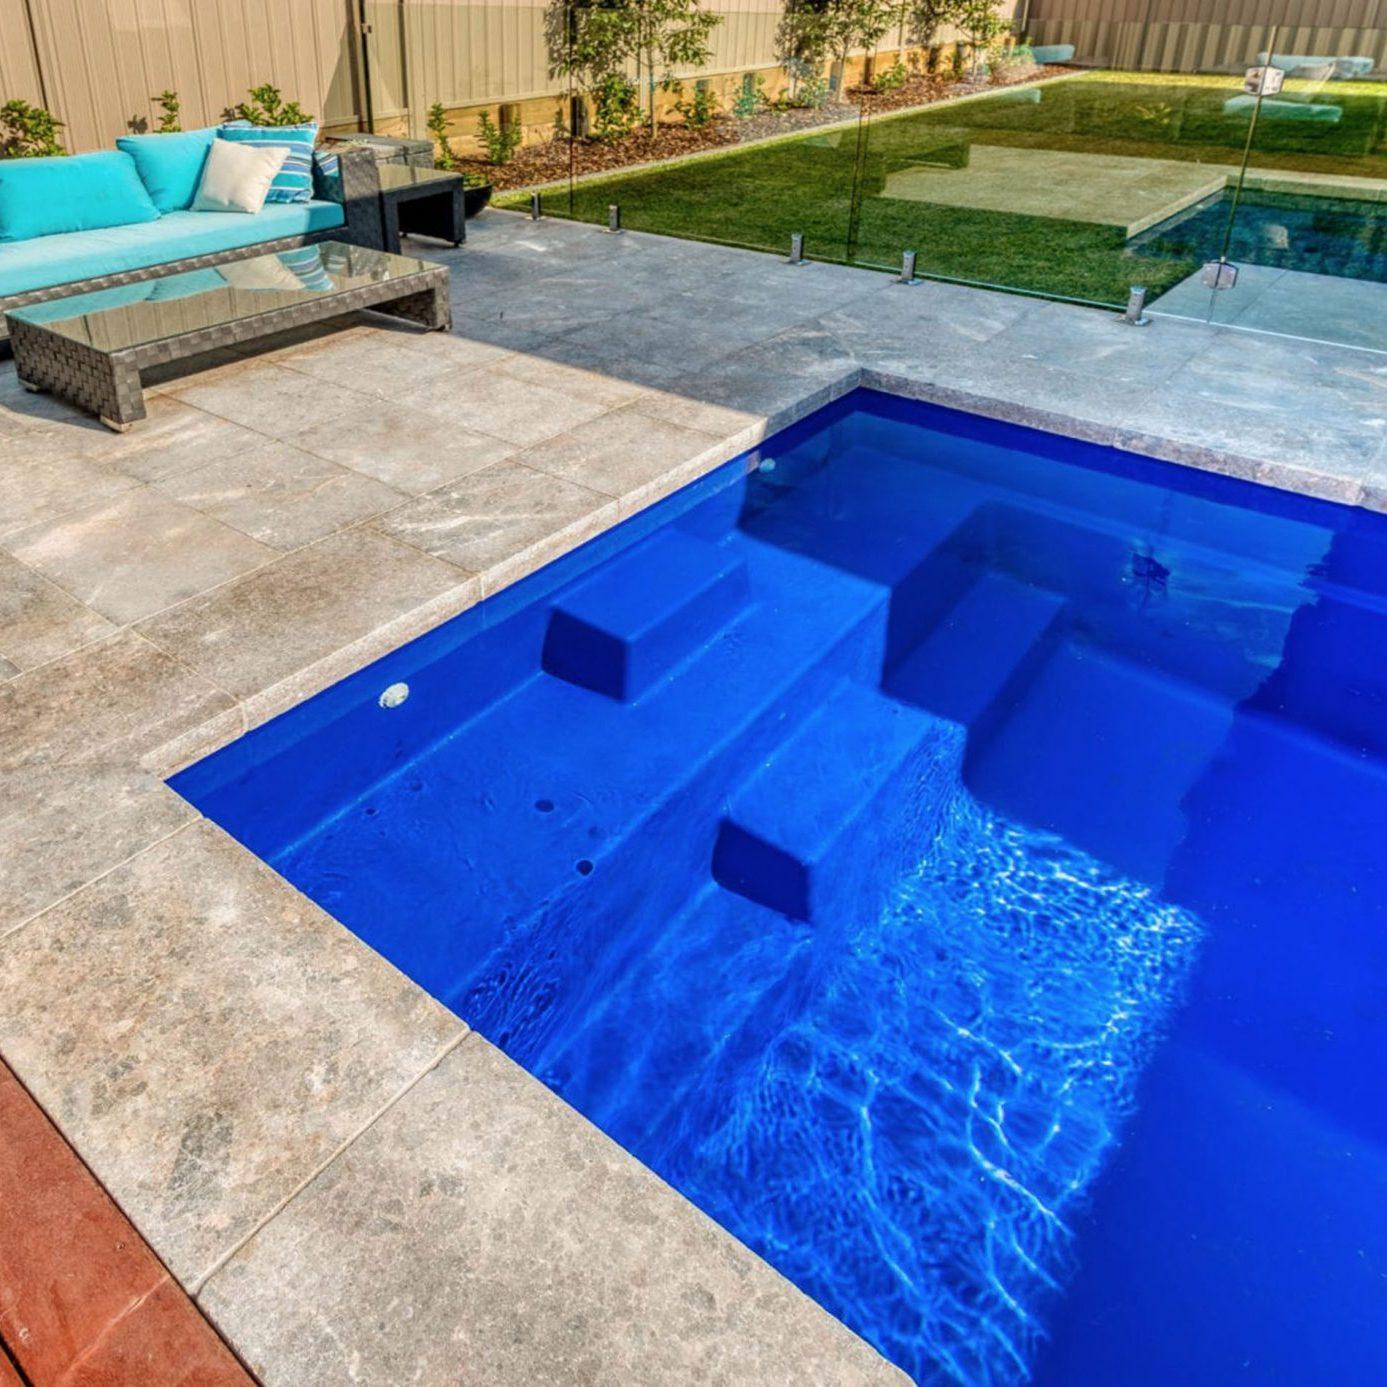 Small Pools: Ocean Breeze Pools